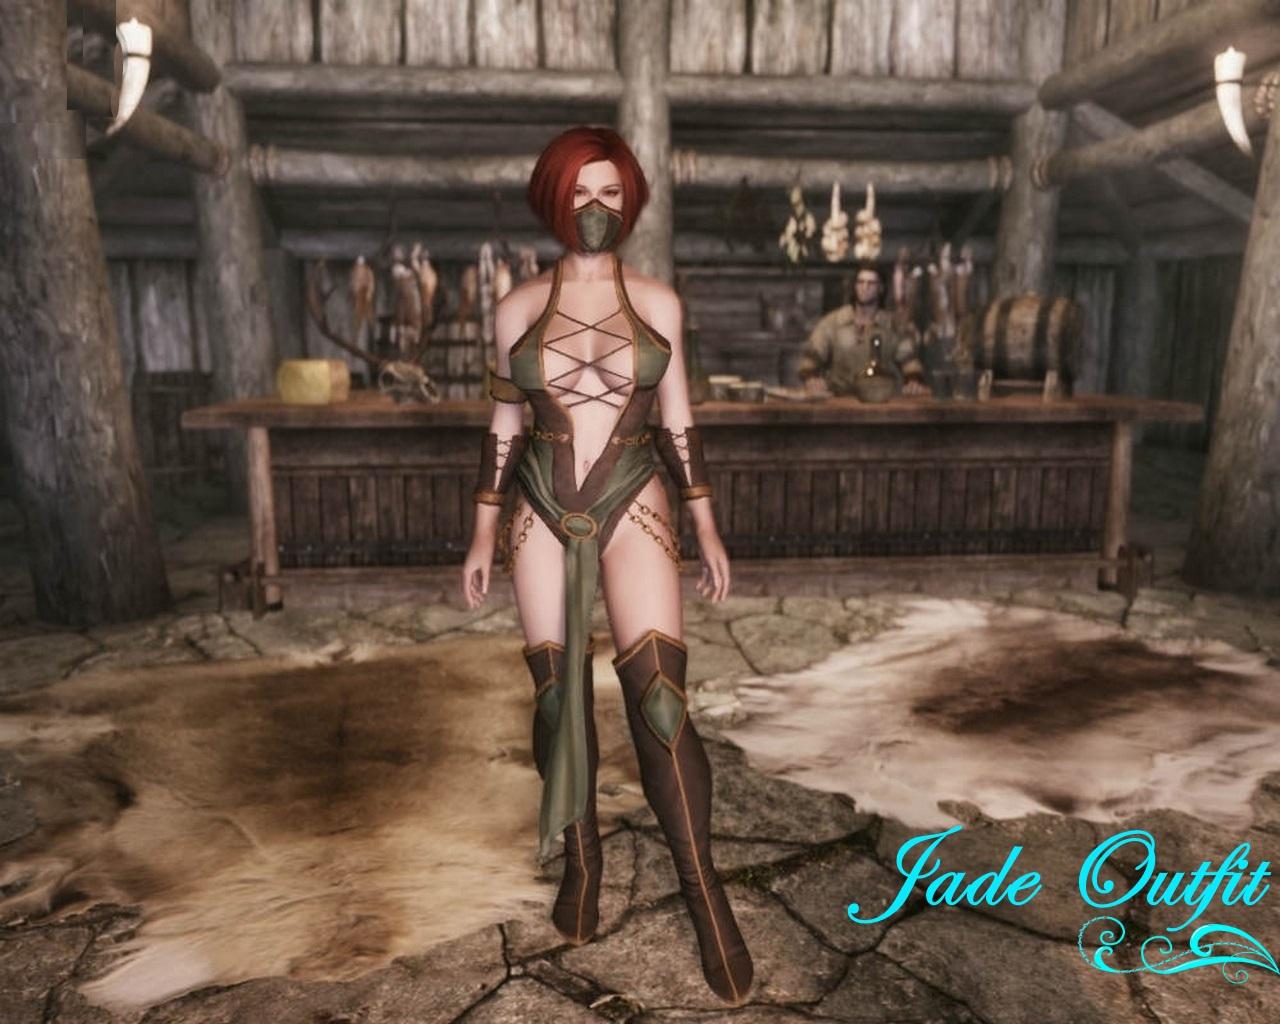 Jade_outfit.jpg